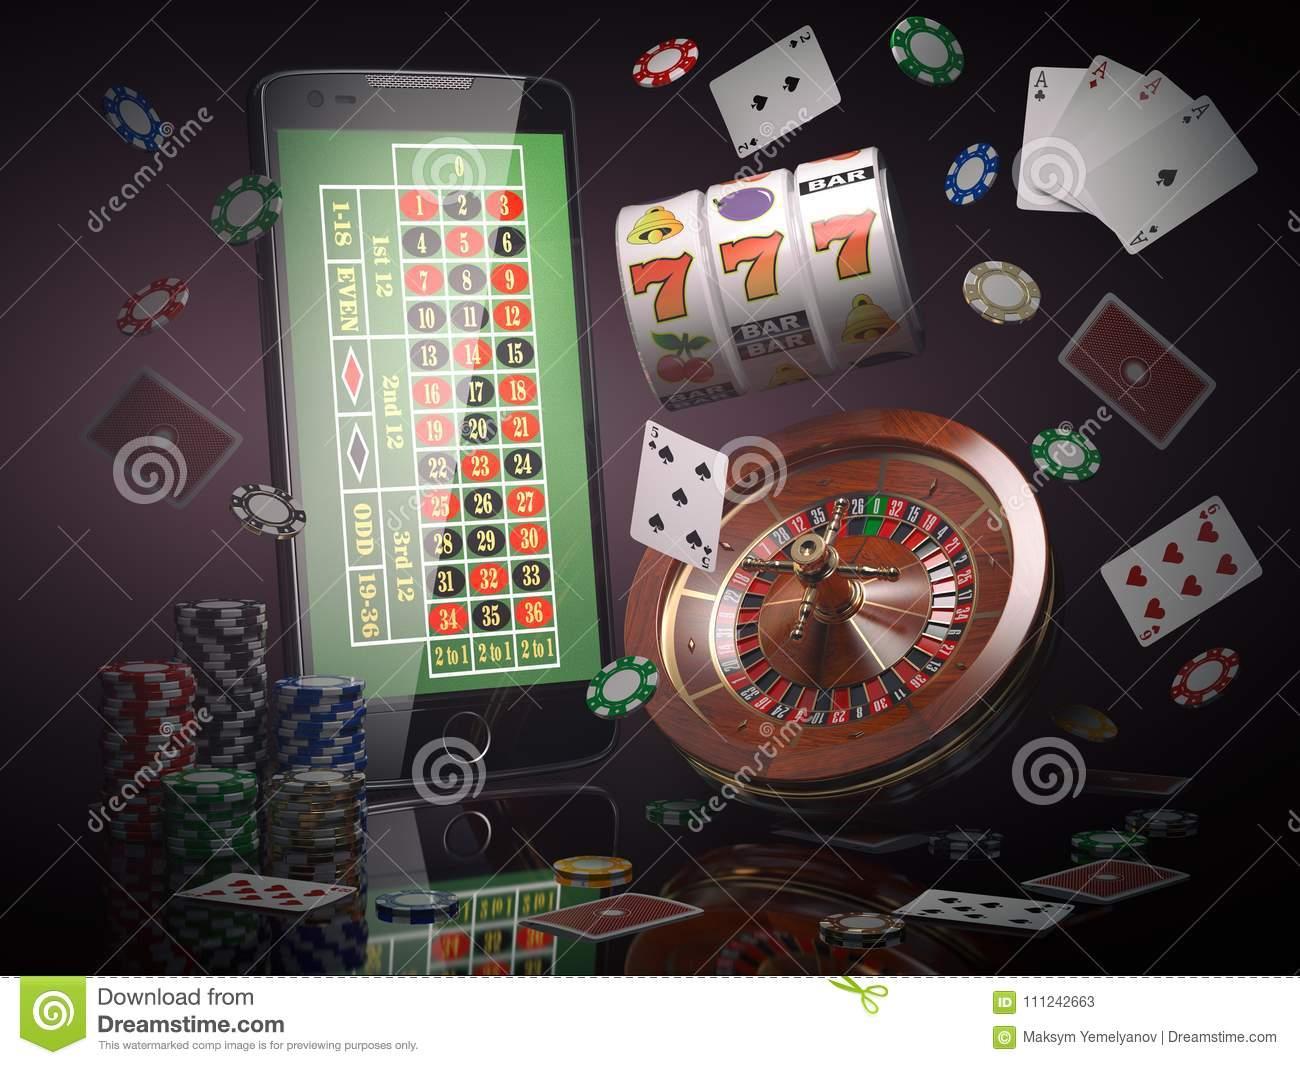 Возможно обыграть онлайн казино игровые автоматы voodoo vibes